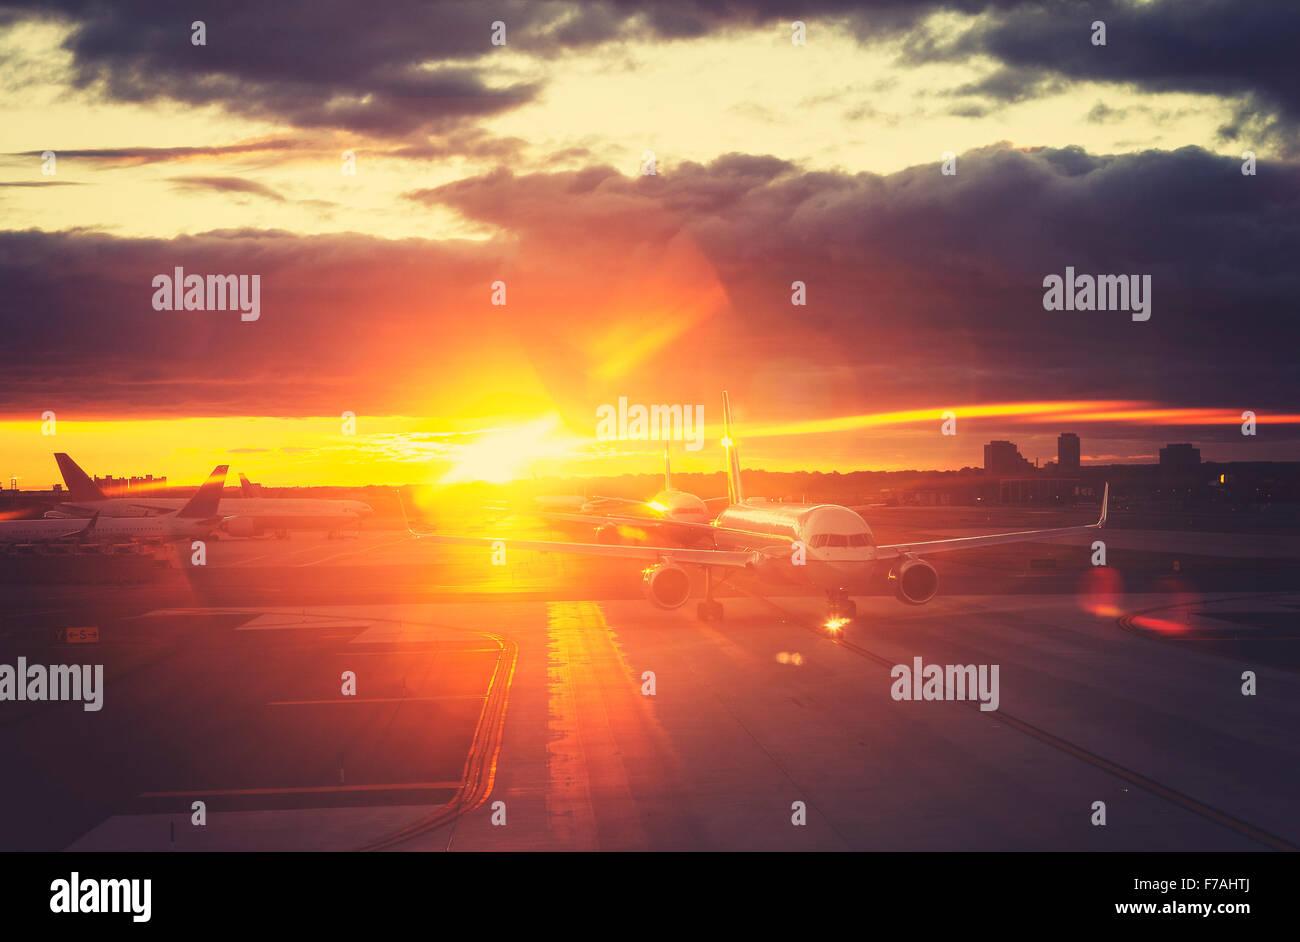 Tonos Vintage imagen del aeropuerto al atardecer, concepto de viaje, efecto Destello de lente. Imagen De Stock